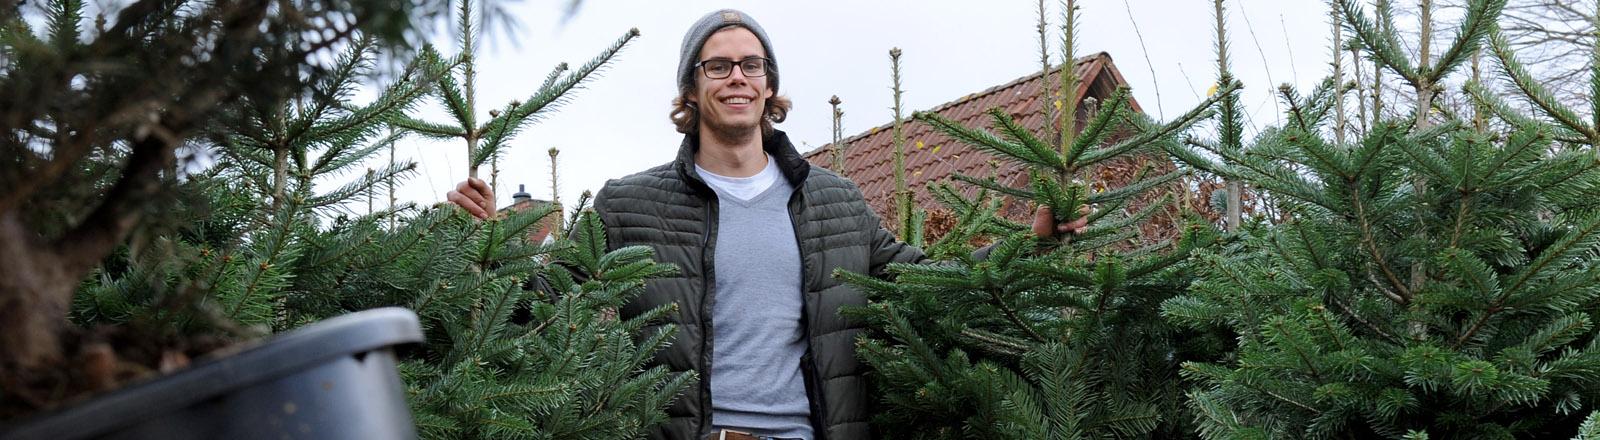 Kersten Scholz von der Baumschule Scholz im Ammerland bei Bad Zwischenahn (Niedersachsen) stellt am 04.12.2015 die neuen Leih-Weihnachtsbäume mit Blumentopf vor.